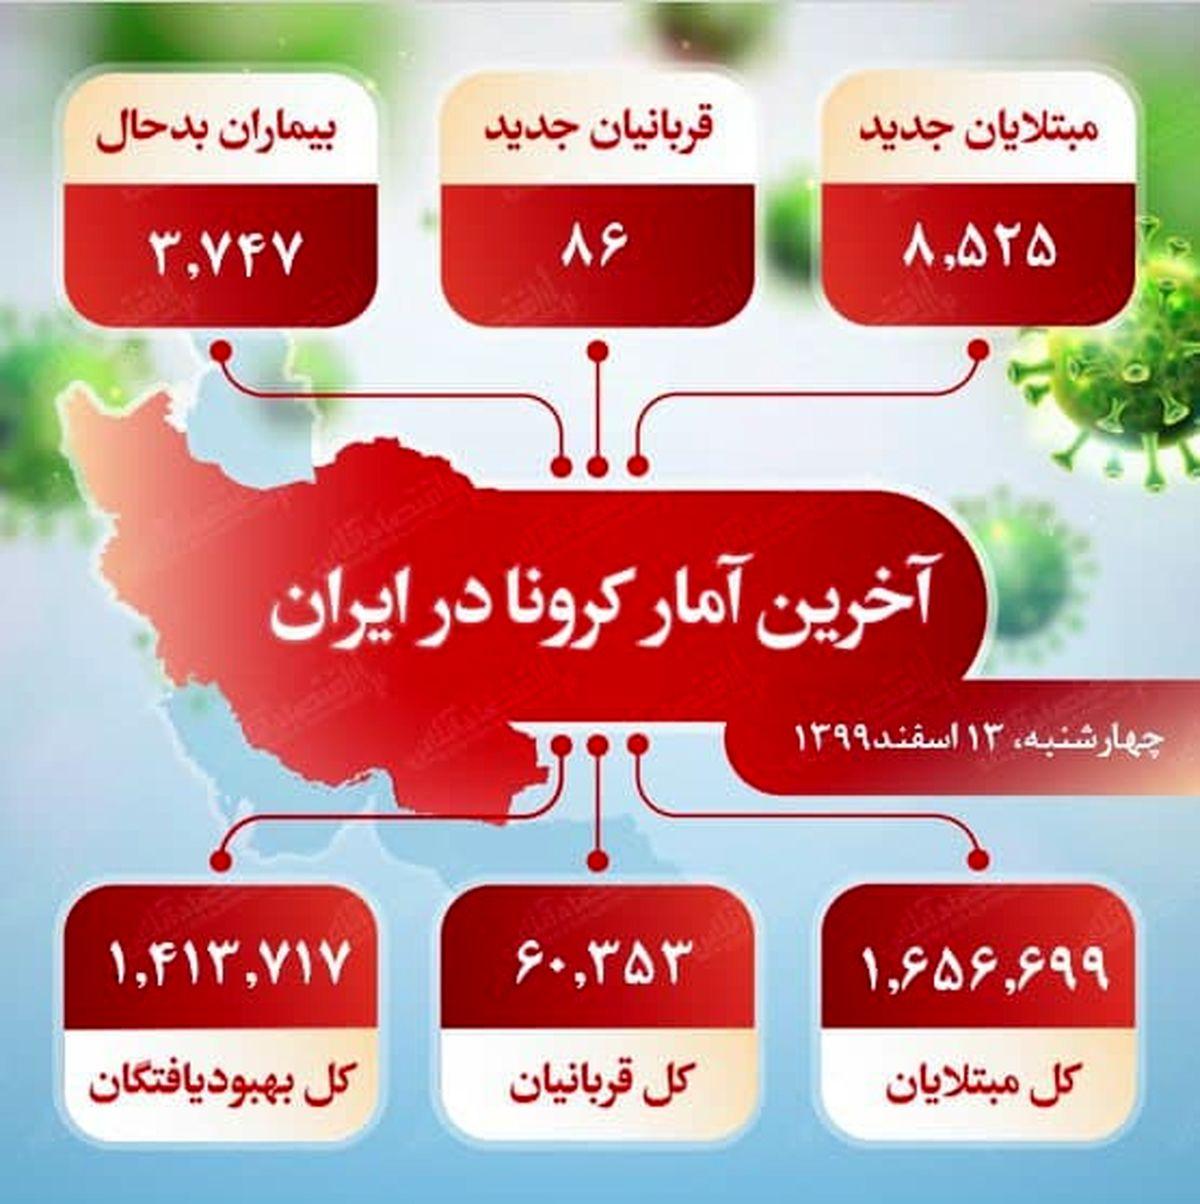 آخرین آمار کرونا در ایران (۹۹/۱۲/۱۳)